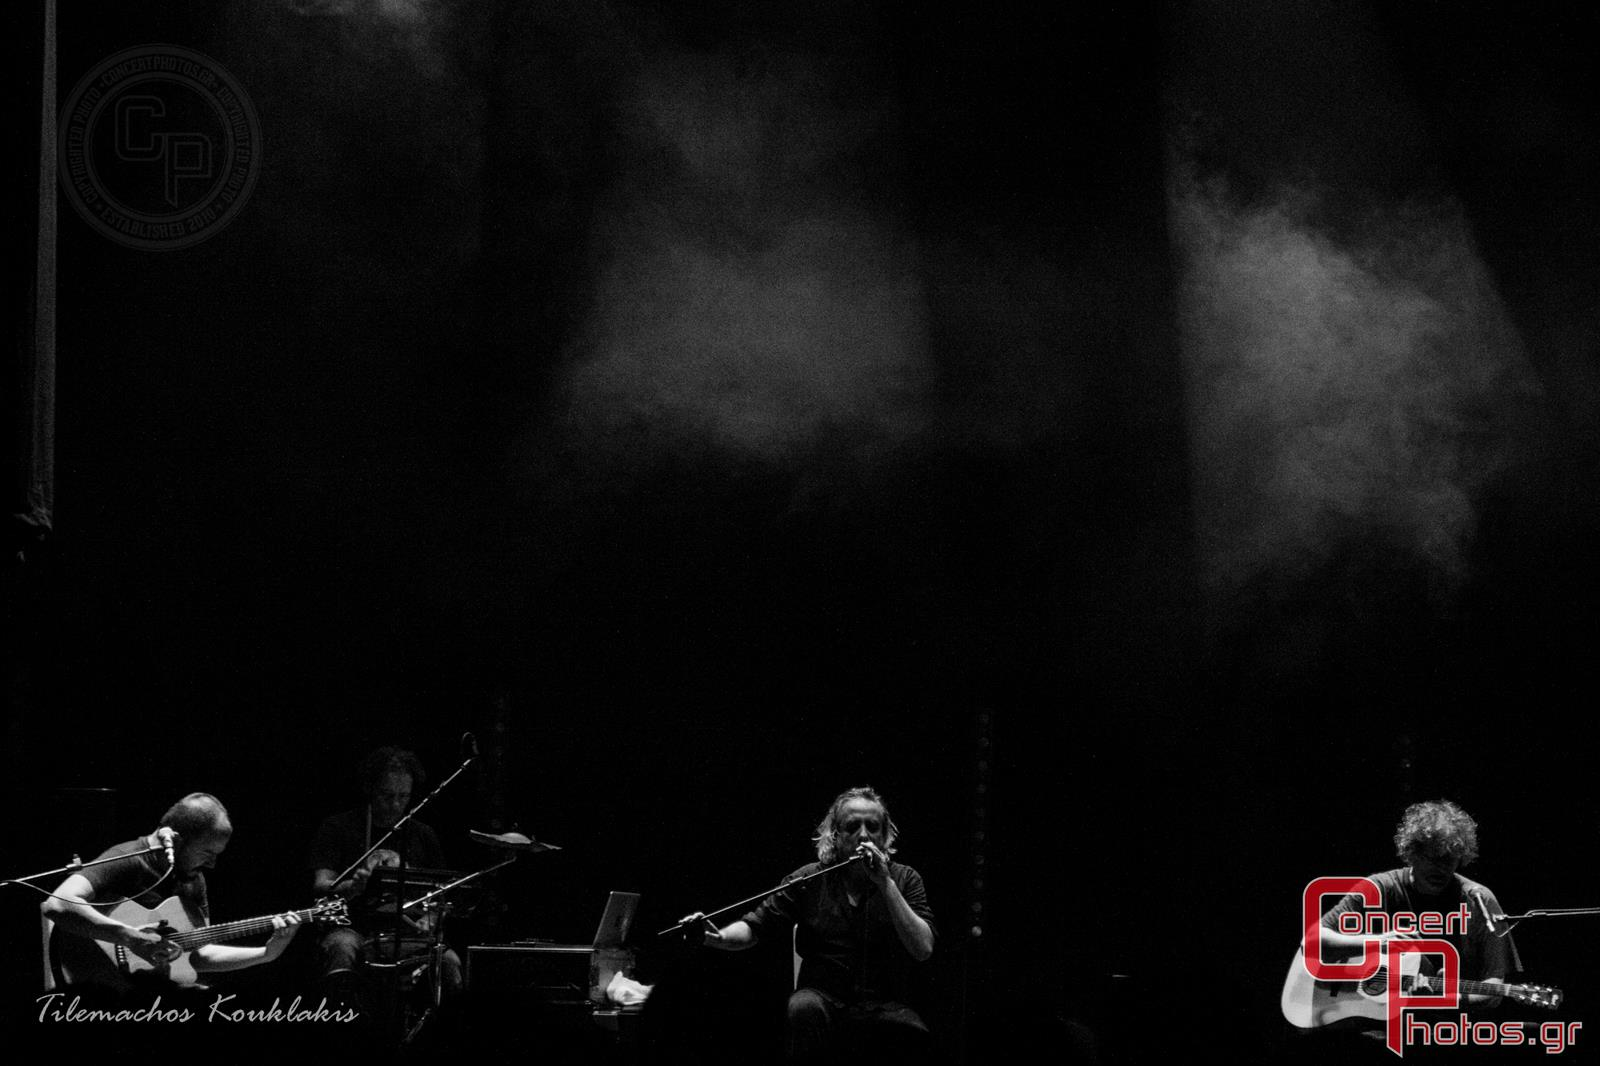 Γιάννης Αγγελάκας - Σύννεφα με Παντελόνια-Aggelakas-2 photographer:  - concertphotos_-1405153364